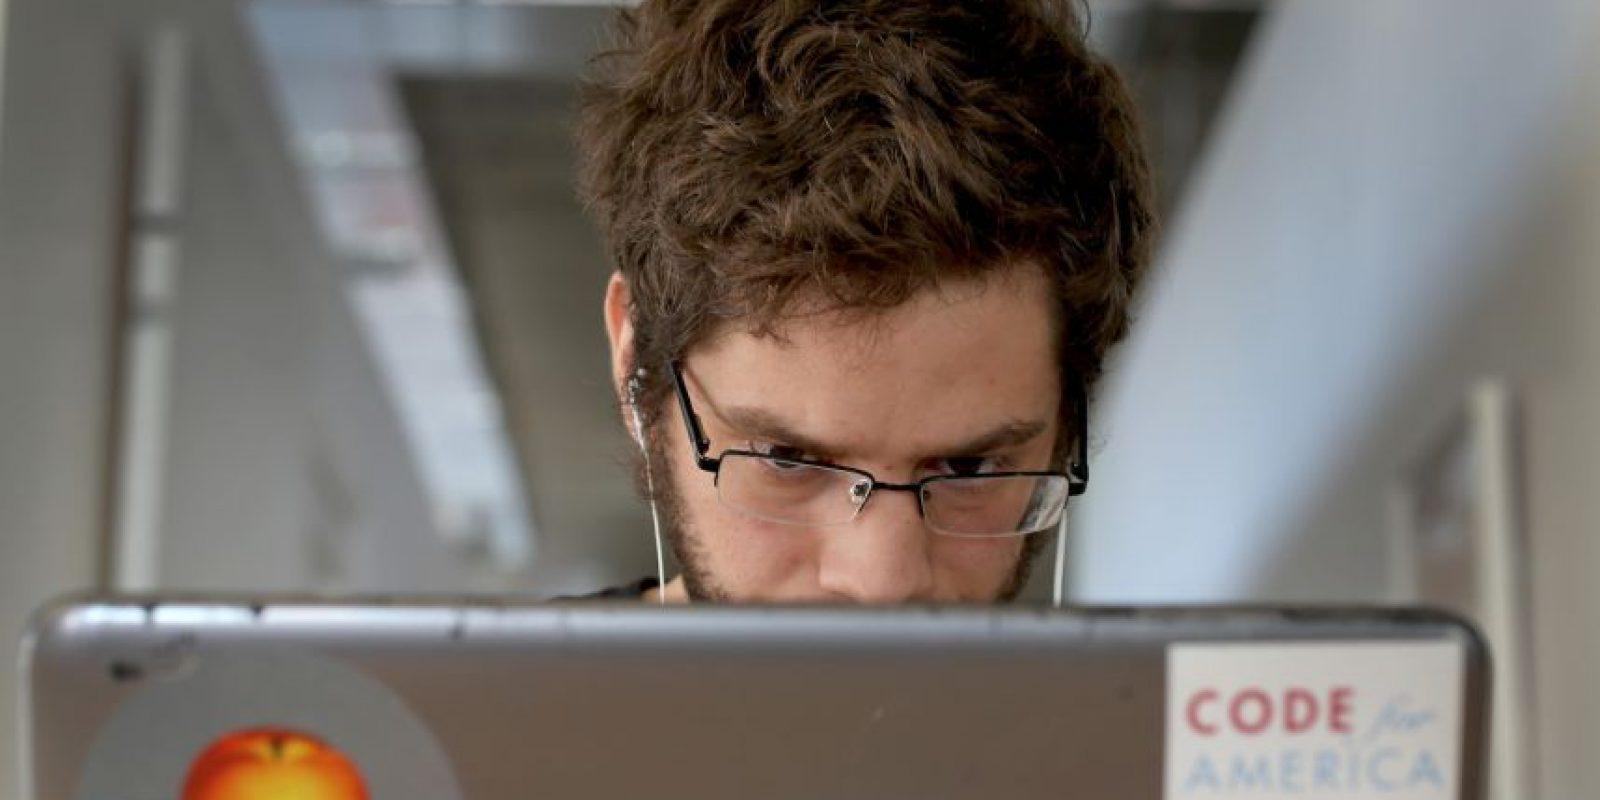 El oftalmólogo Emanuel Barberá, oftalmólogo del Centro Quirón de A Coruña en España, mencionó: Foto:Getty Images